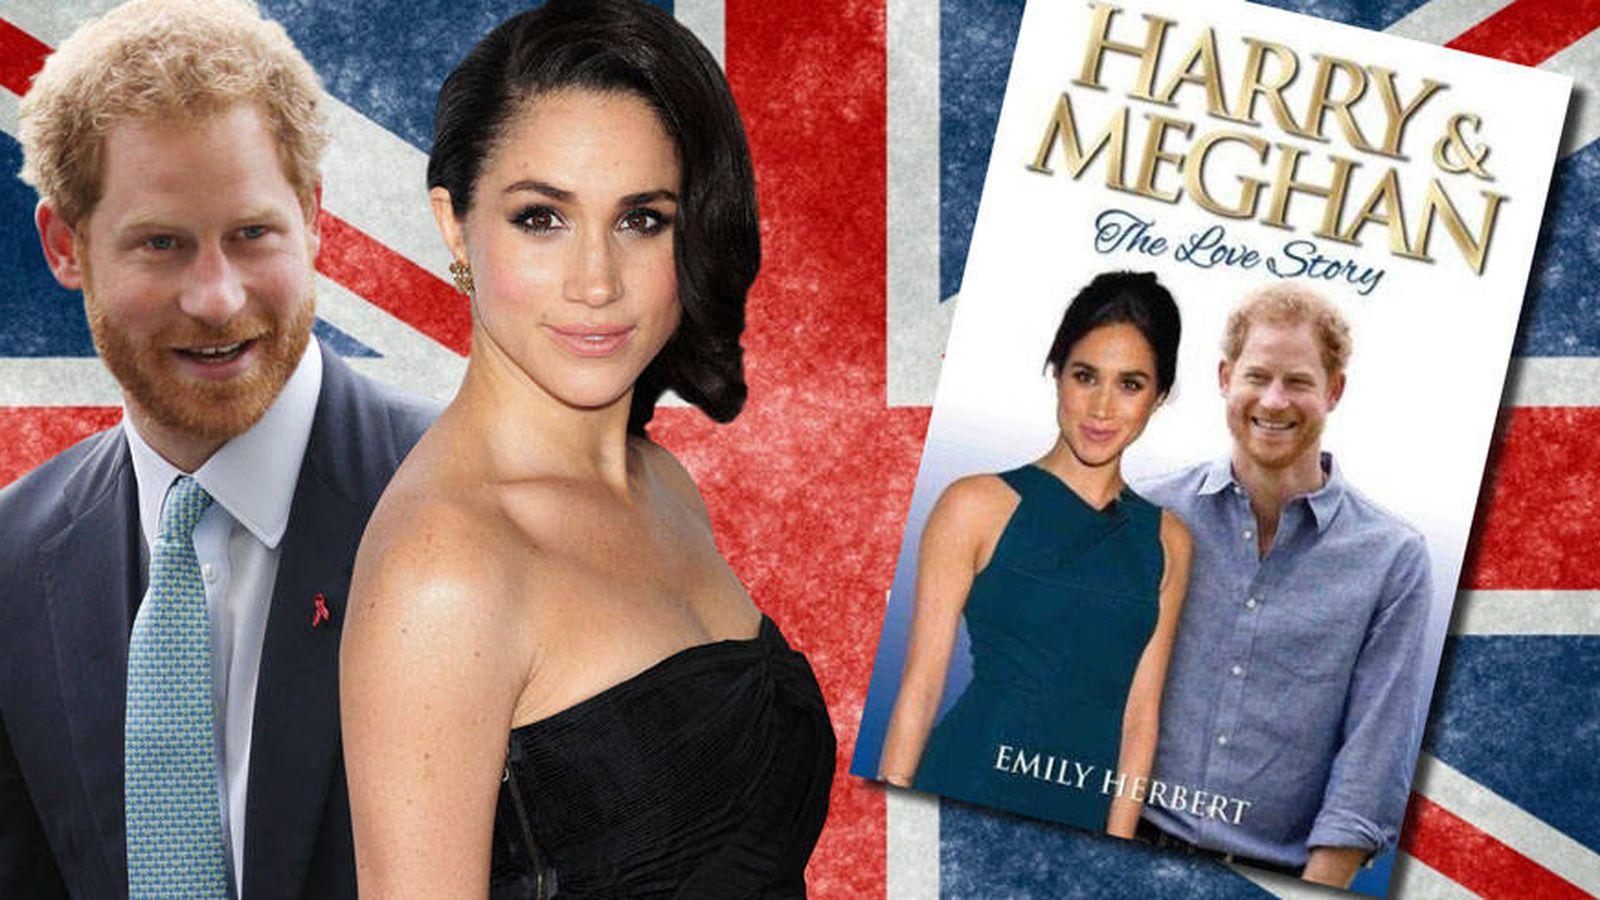 Foto: Harry, Meghan y la portada de su biografía. (Vanitatis)